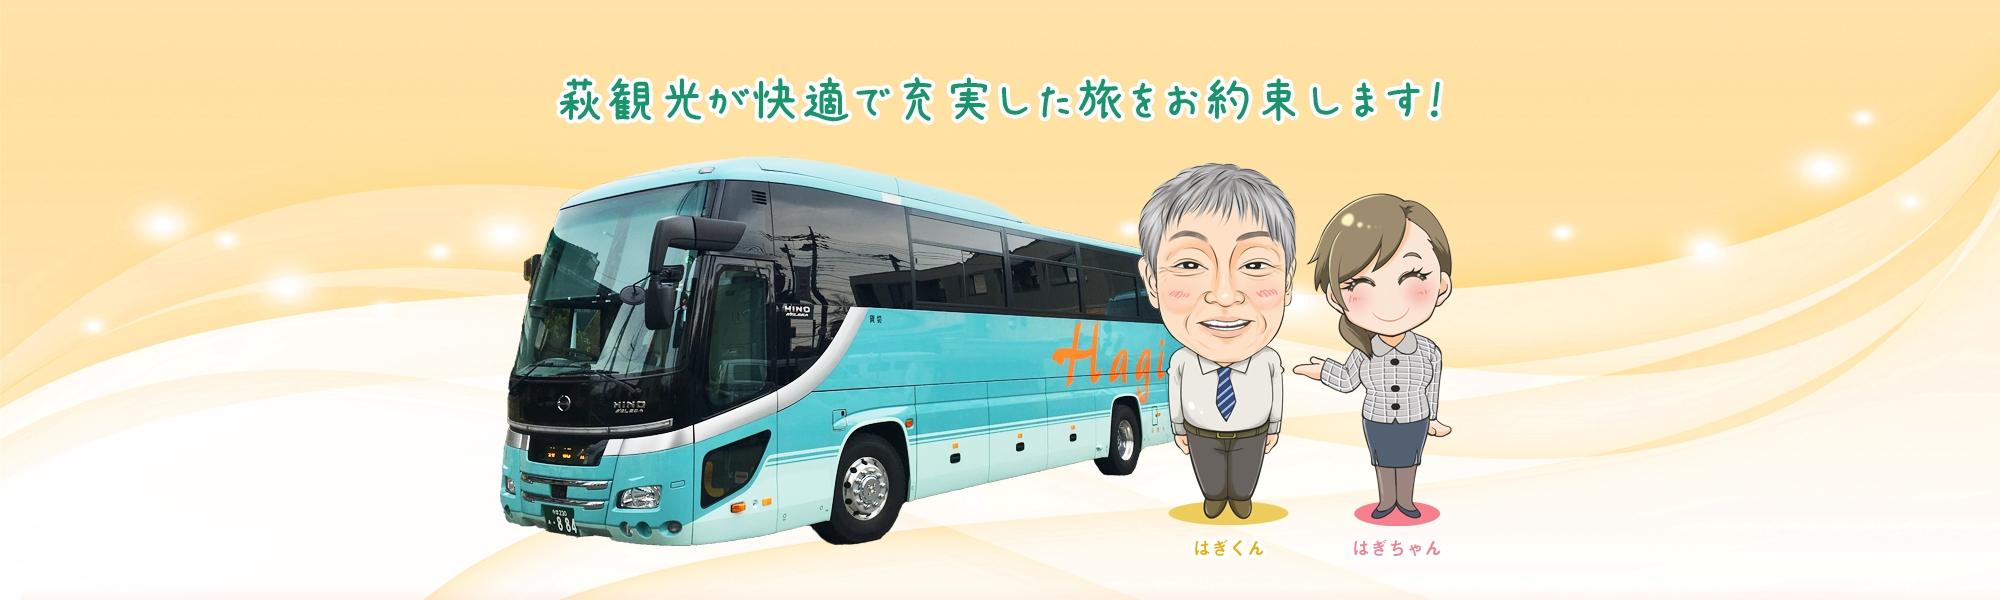 萩観光が快適で充実した旅をお約束します!